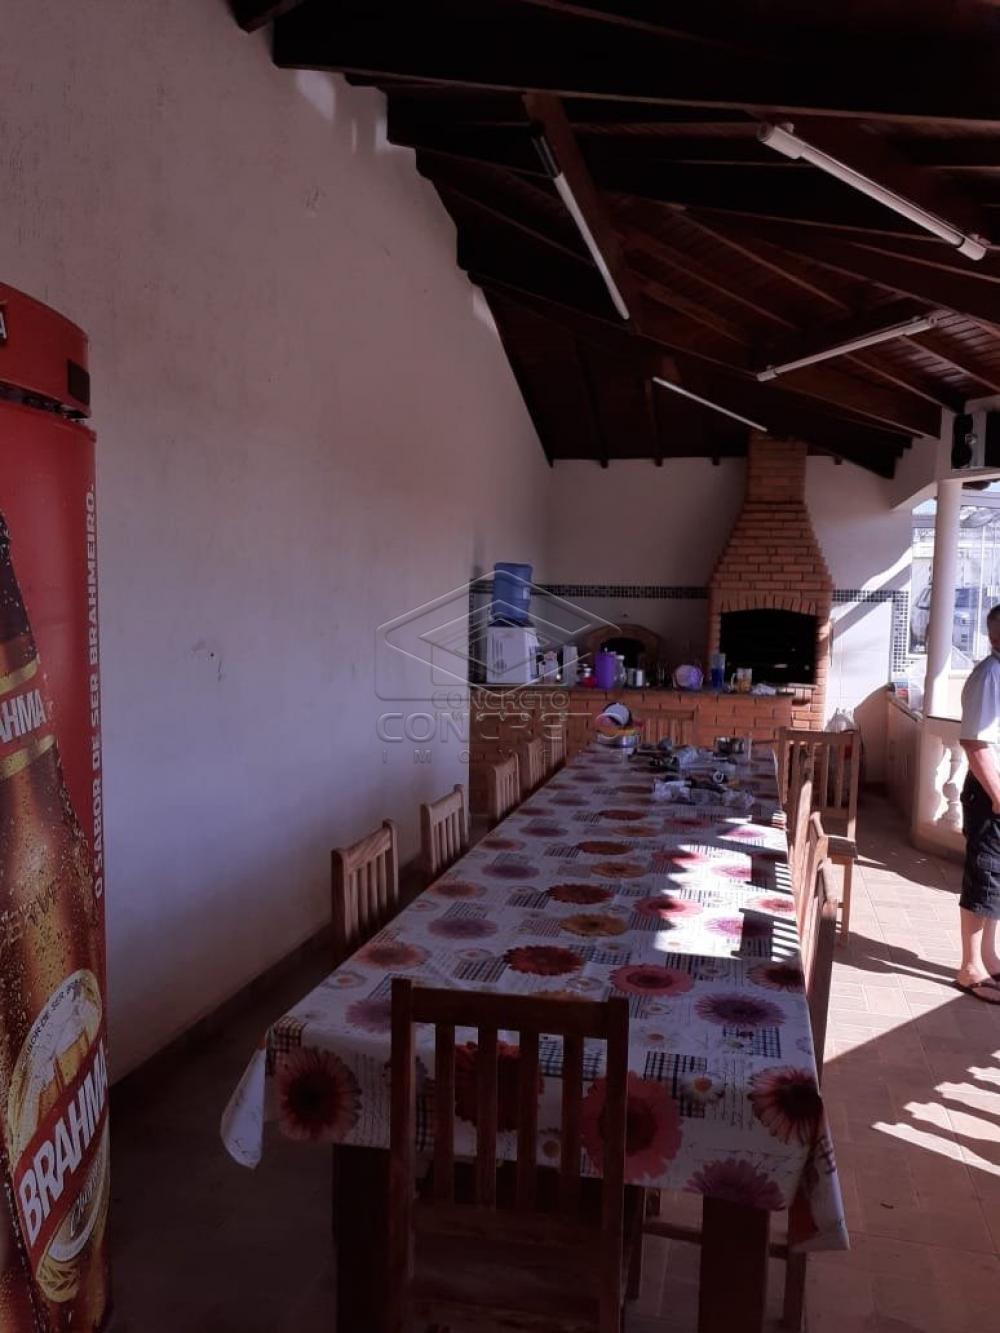 Comprar Casa / Padrão em Sao Manuel apenas R$ 1.250.000,00 - Foto 23